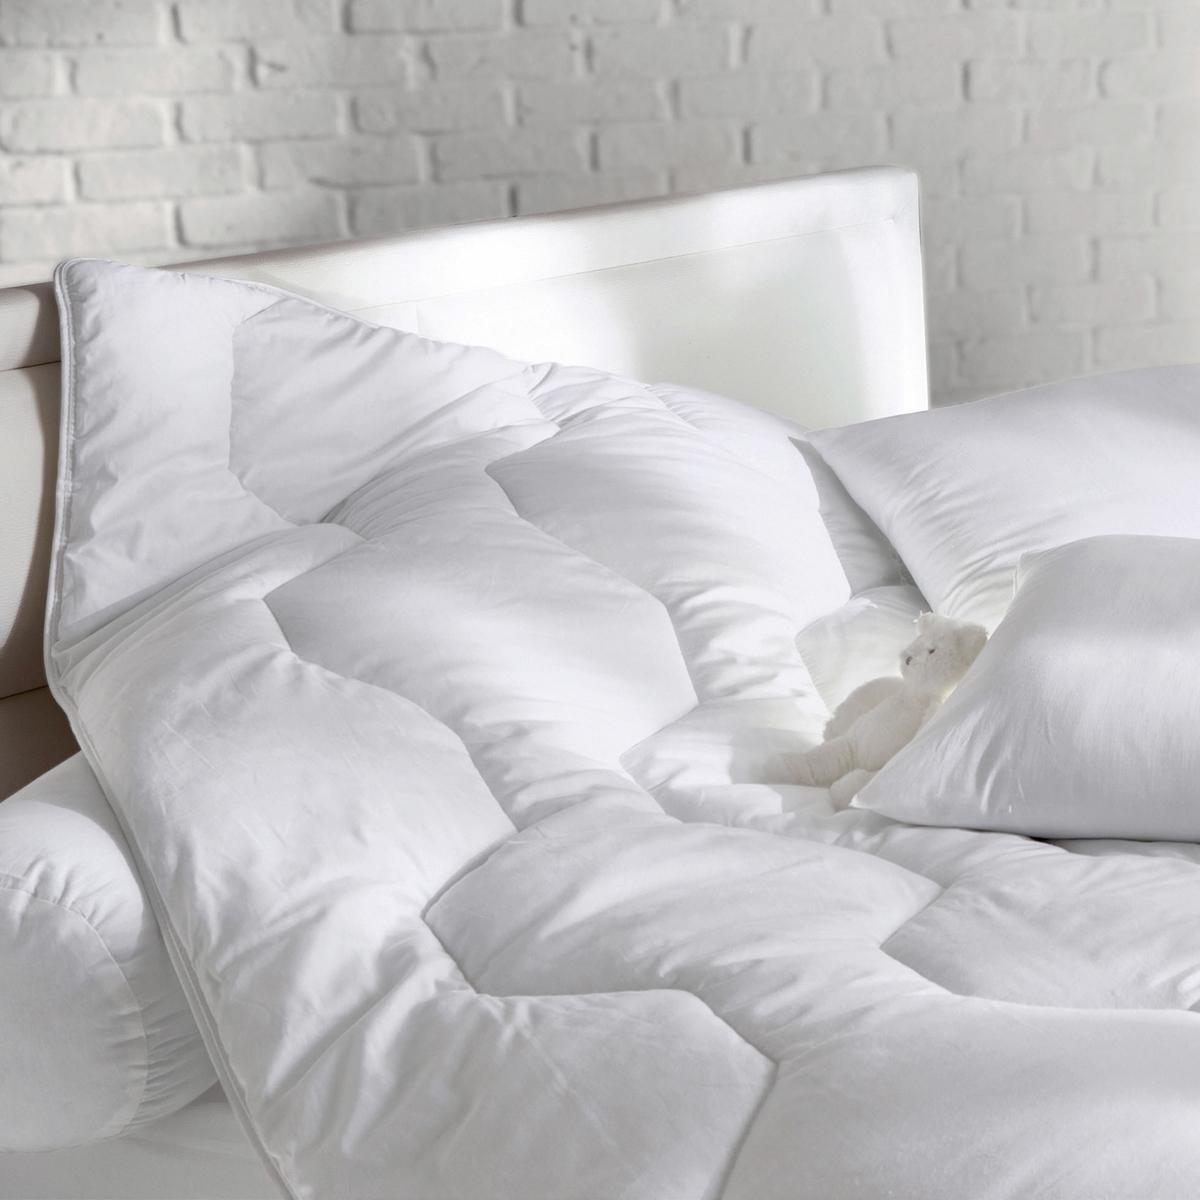 Одеяло синтетическое со специальной обработкой от насекомых